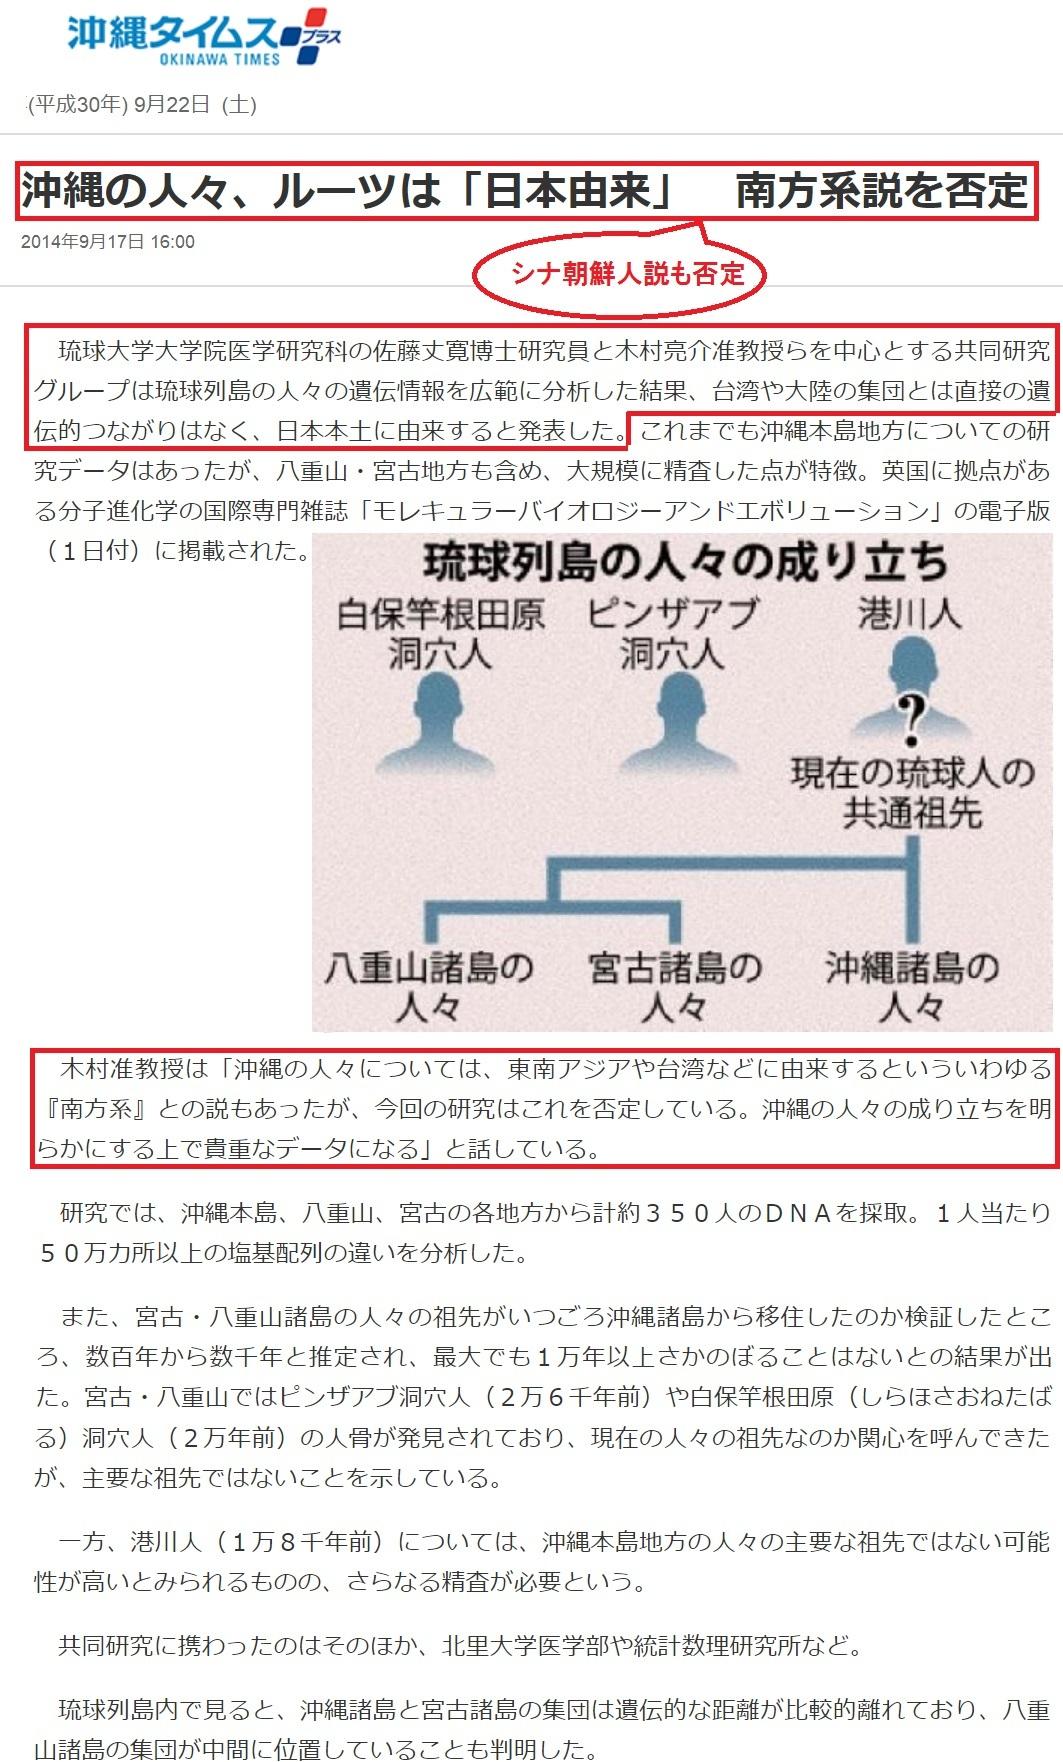 沖縄県民のルーツは日本 大陸人説や南方系説を否定